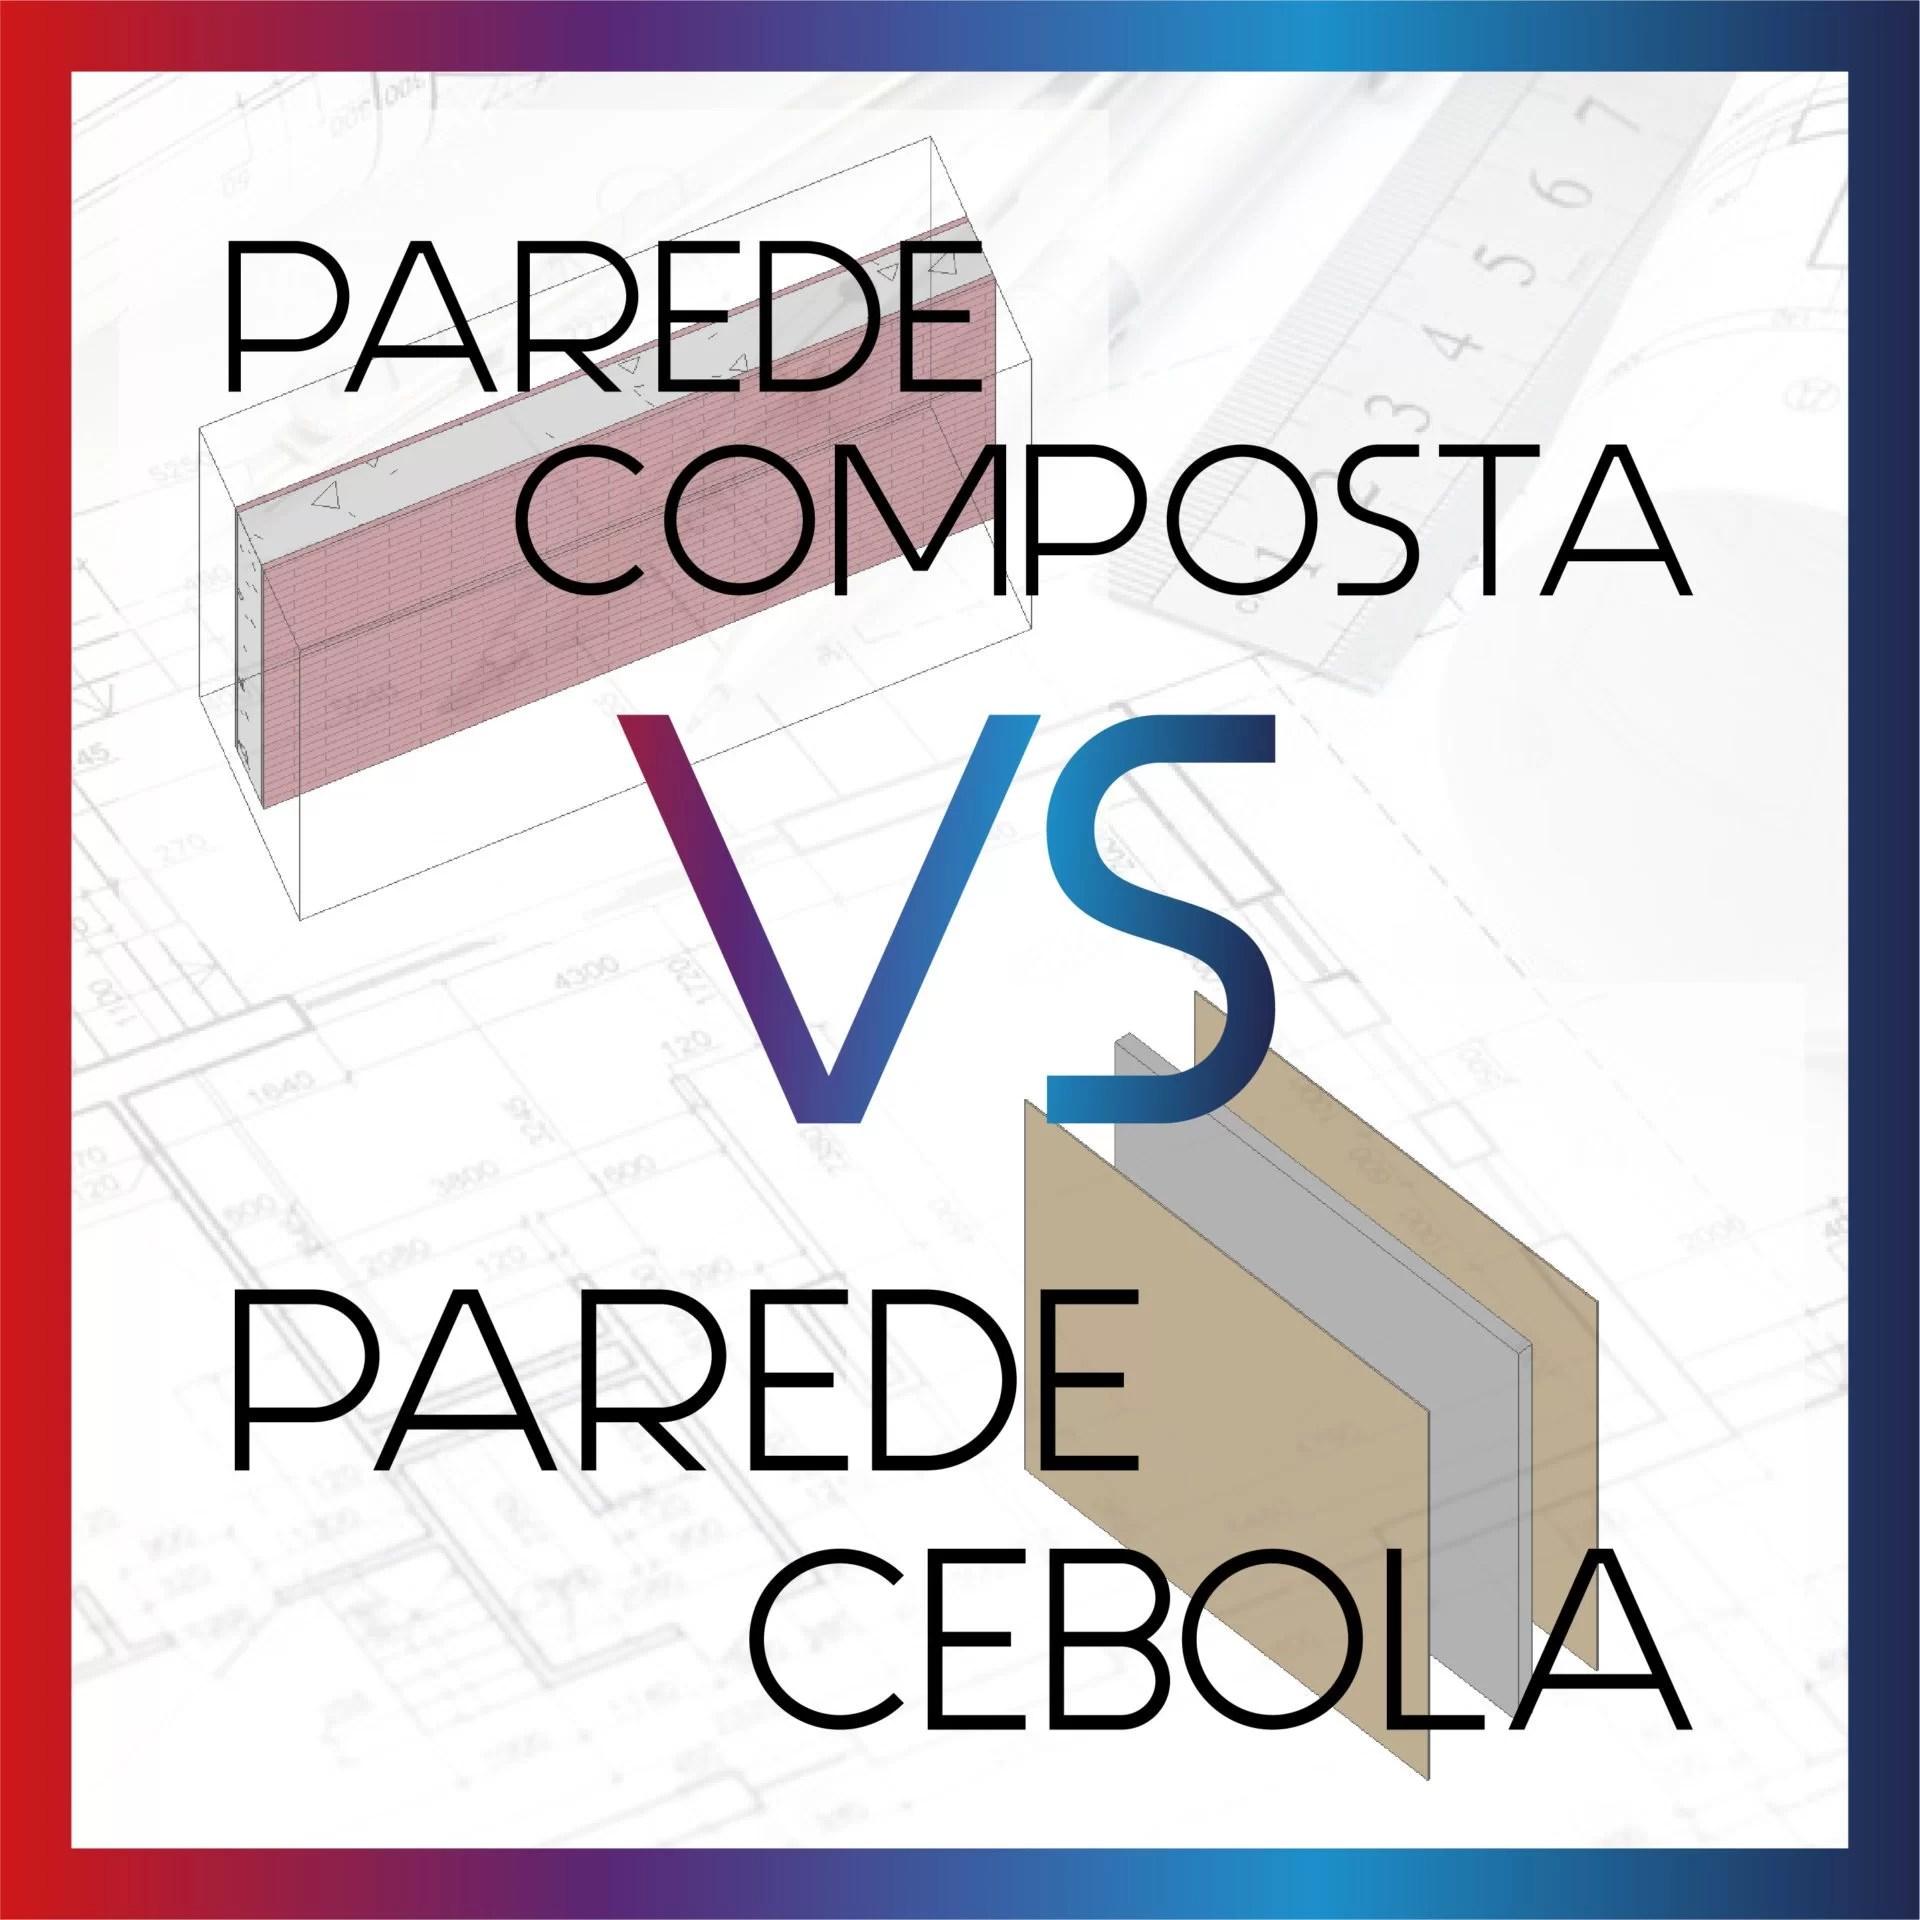 Parede Composta vs Parede Cebola